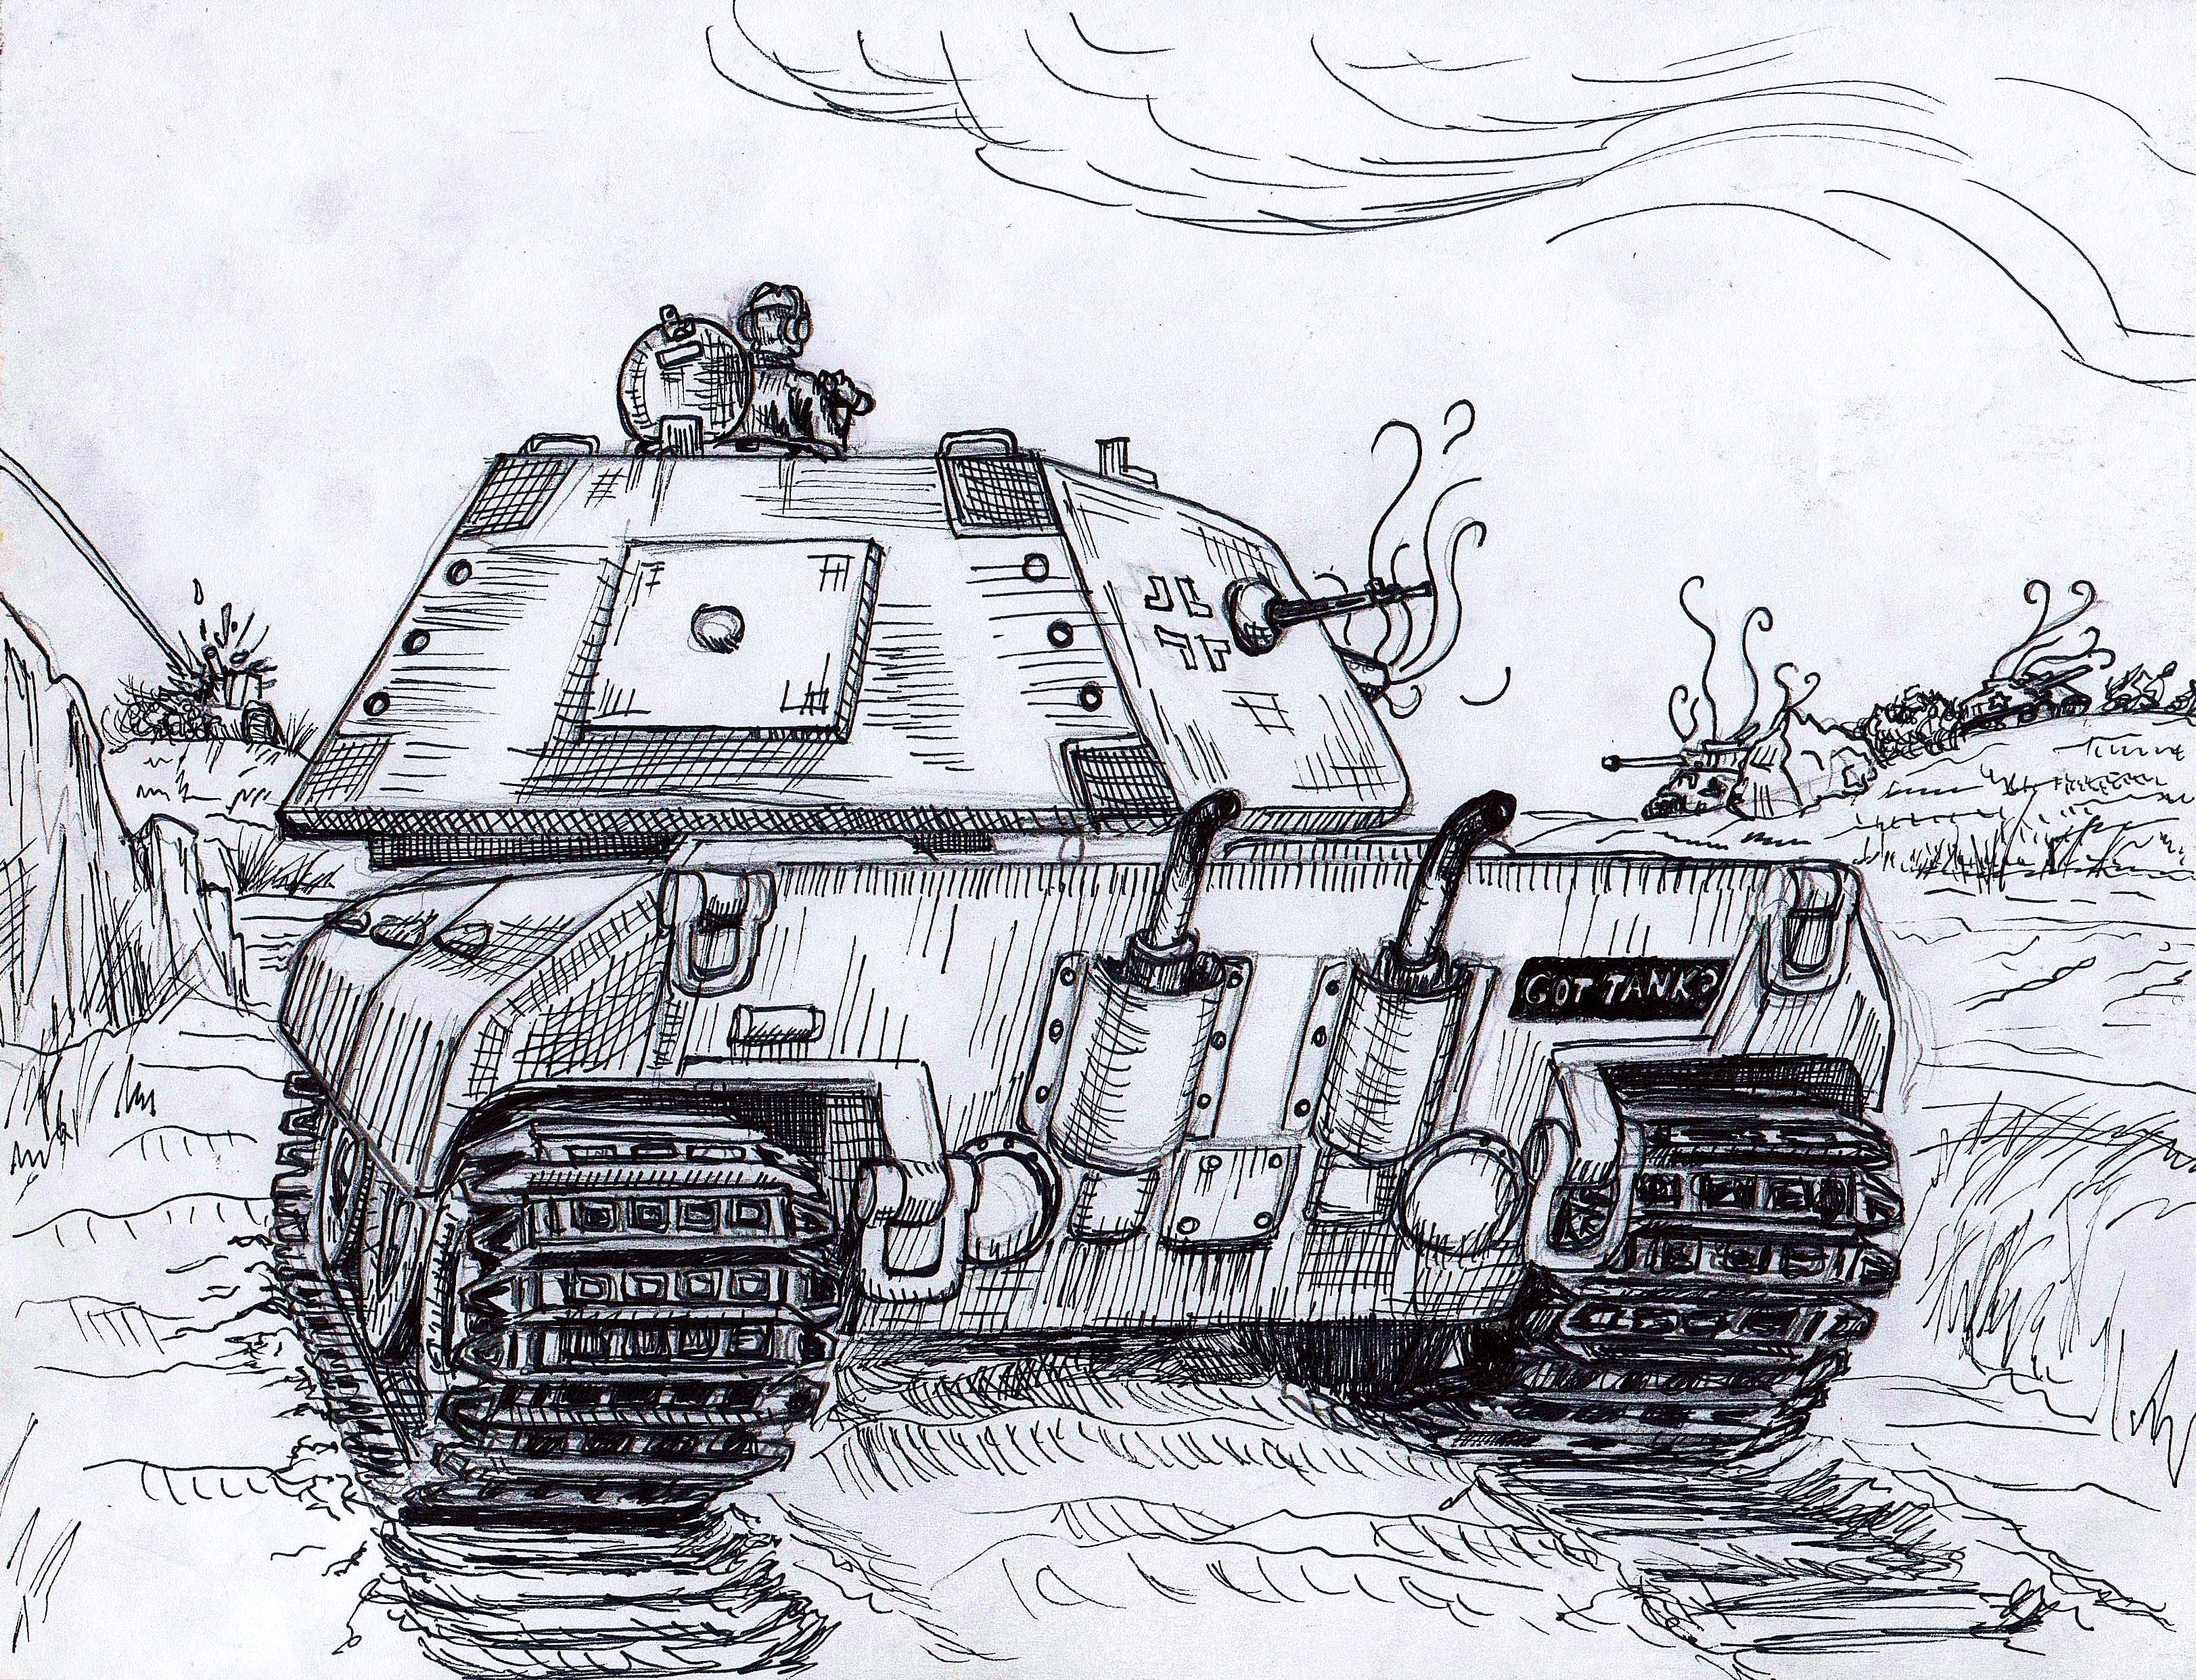 дело только картинки танков рисовать жизни общежитиях отвечаем